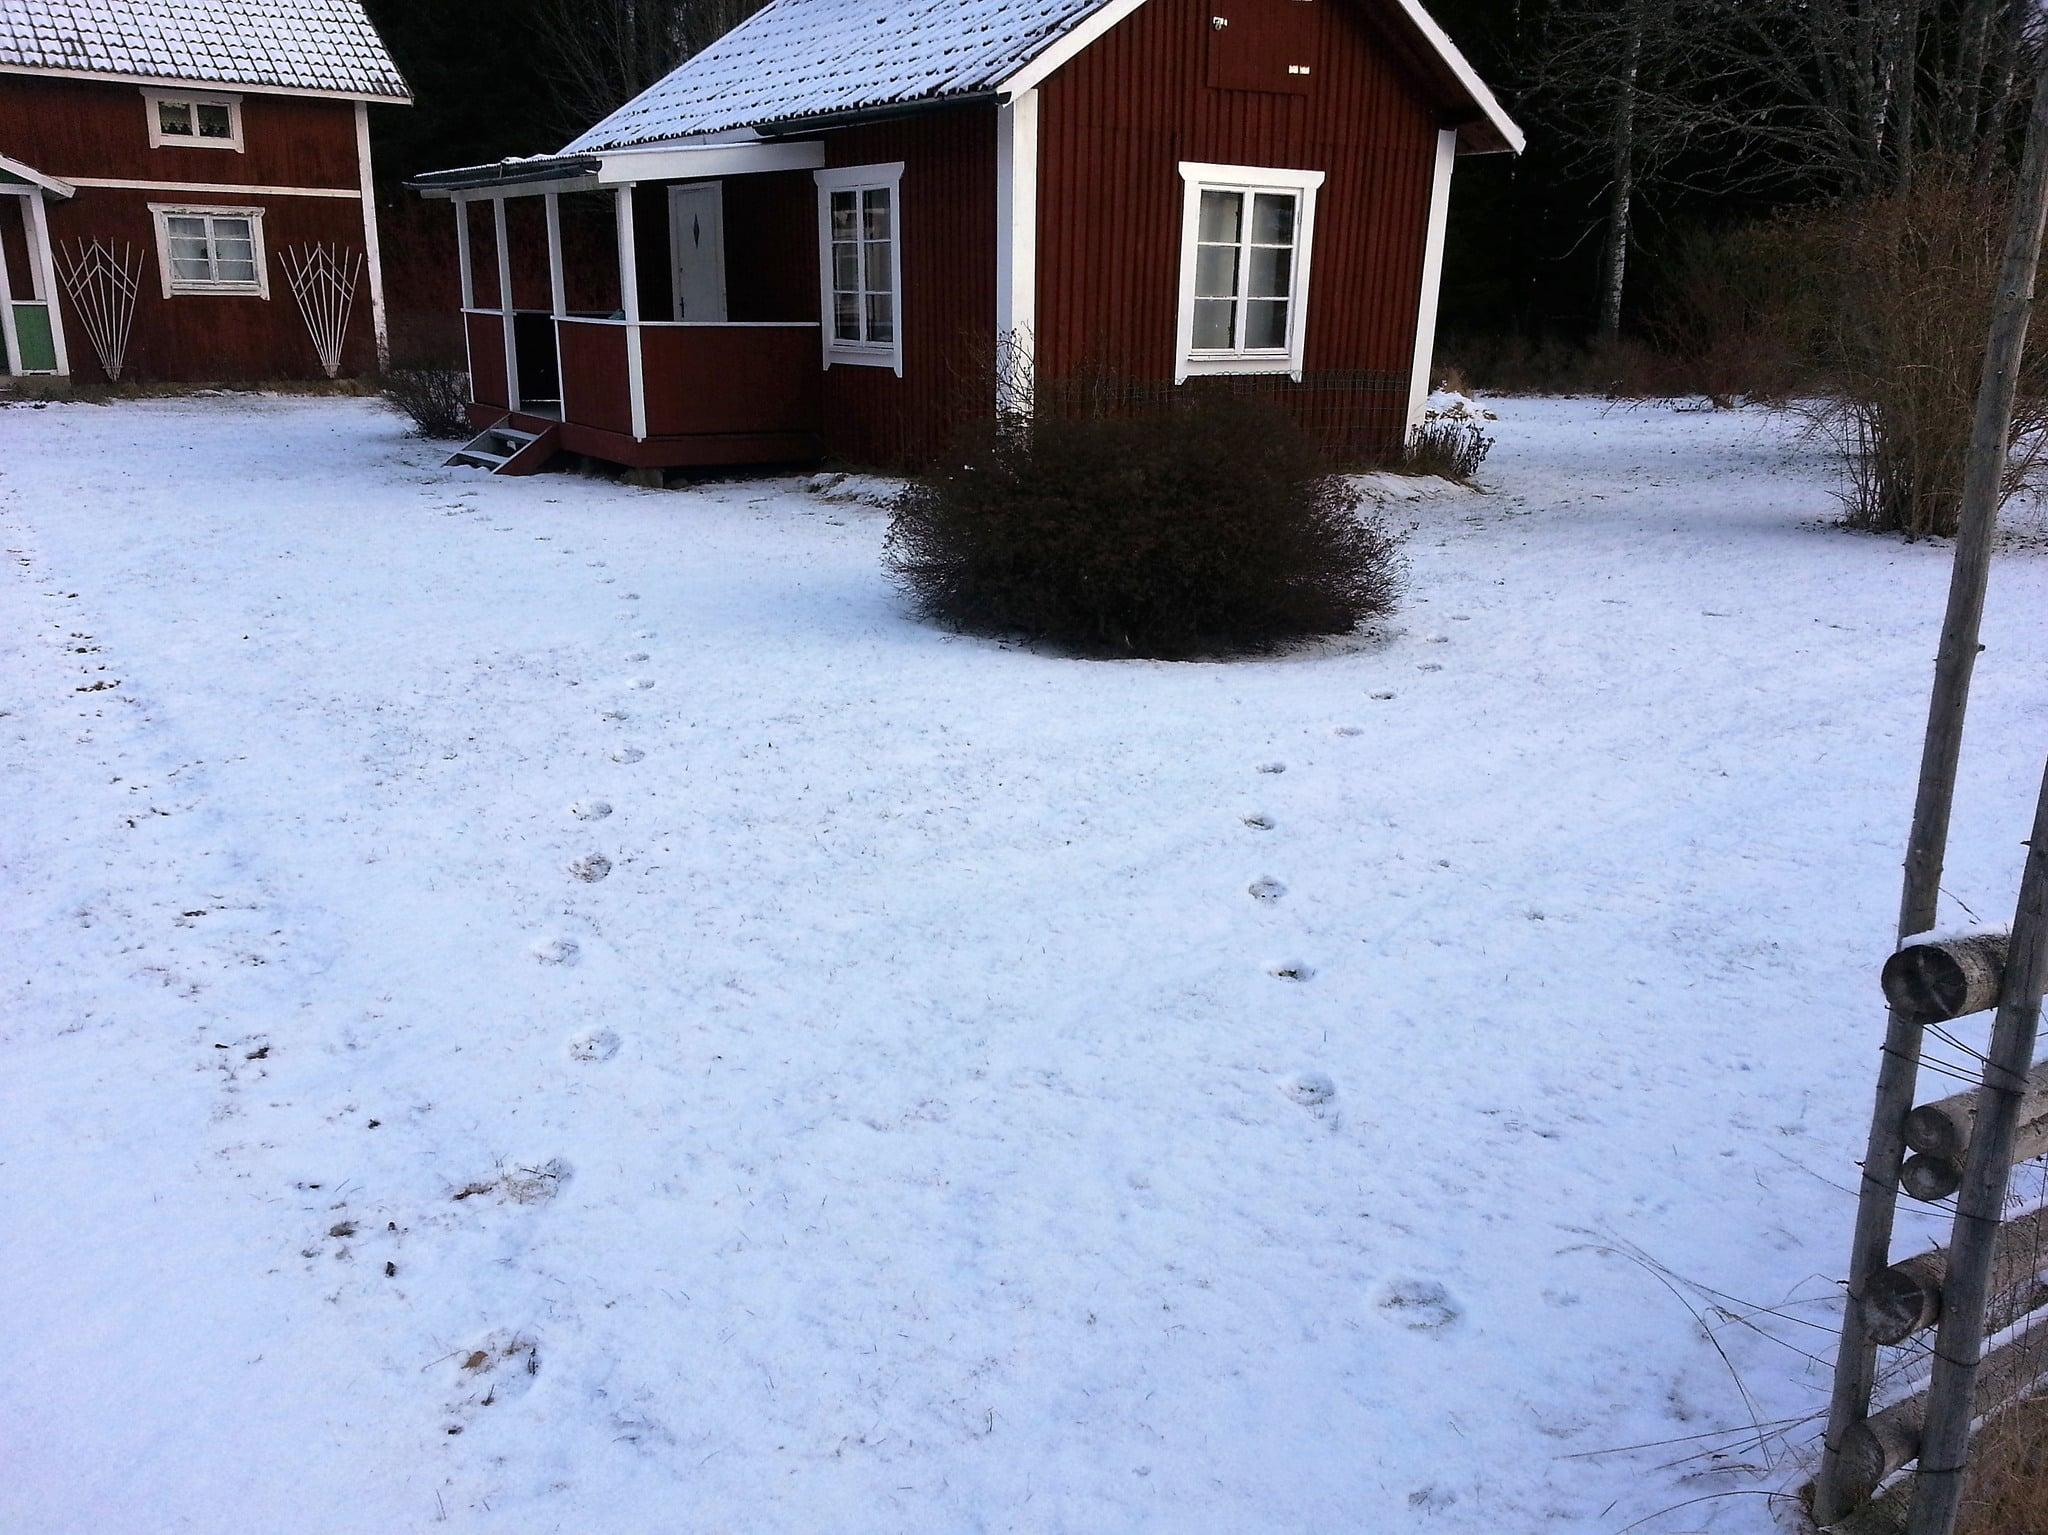 Snöförhållanden har varit för dåliga för att kvalitetssäkra tillräckligt många loföryngringar i Mellansverige för att jakt skulle tillåtas. Viltkameror behövs för att dokumentera rovdjursförekomst, anser skribenten. Foto: Privat